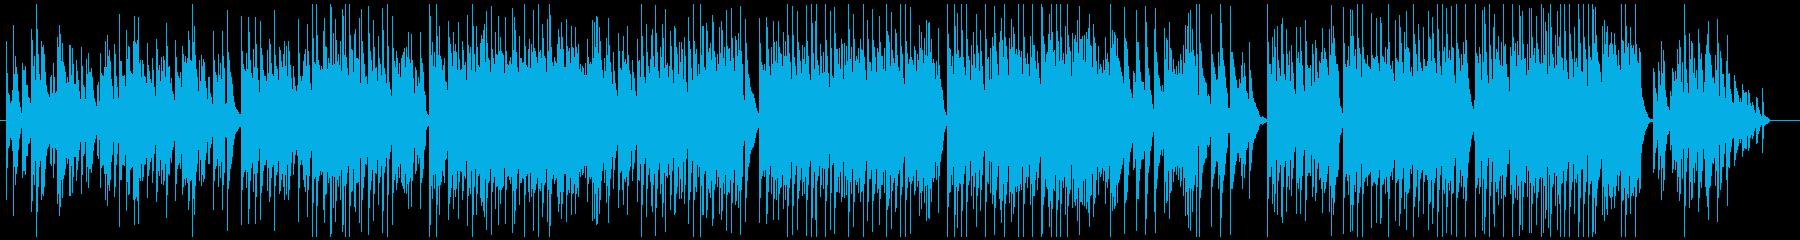 ソロピアノによるバラードBGMの再生済みの波形